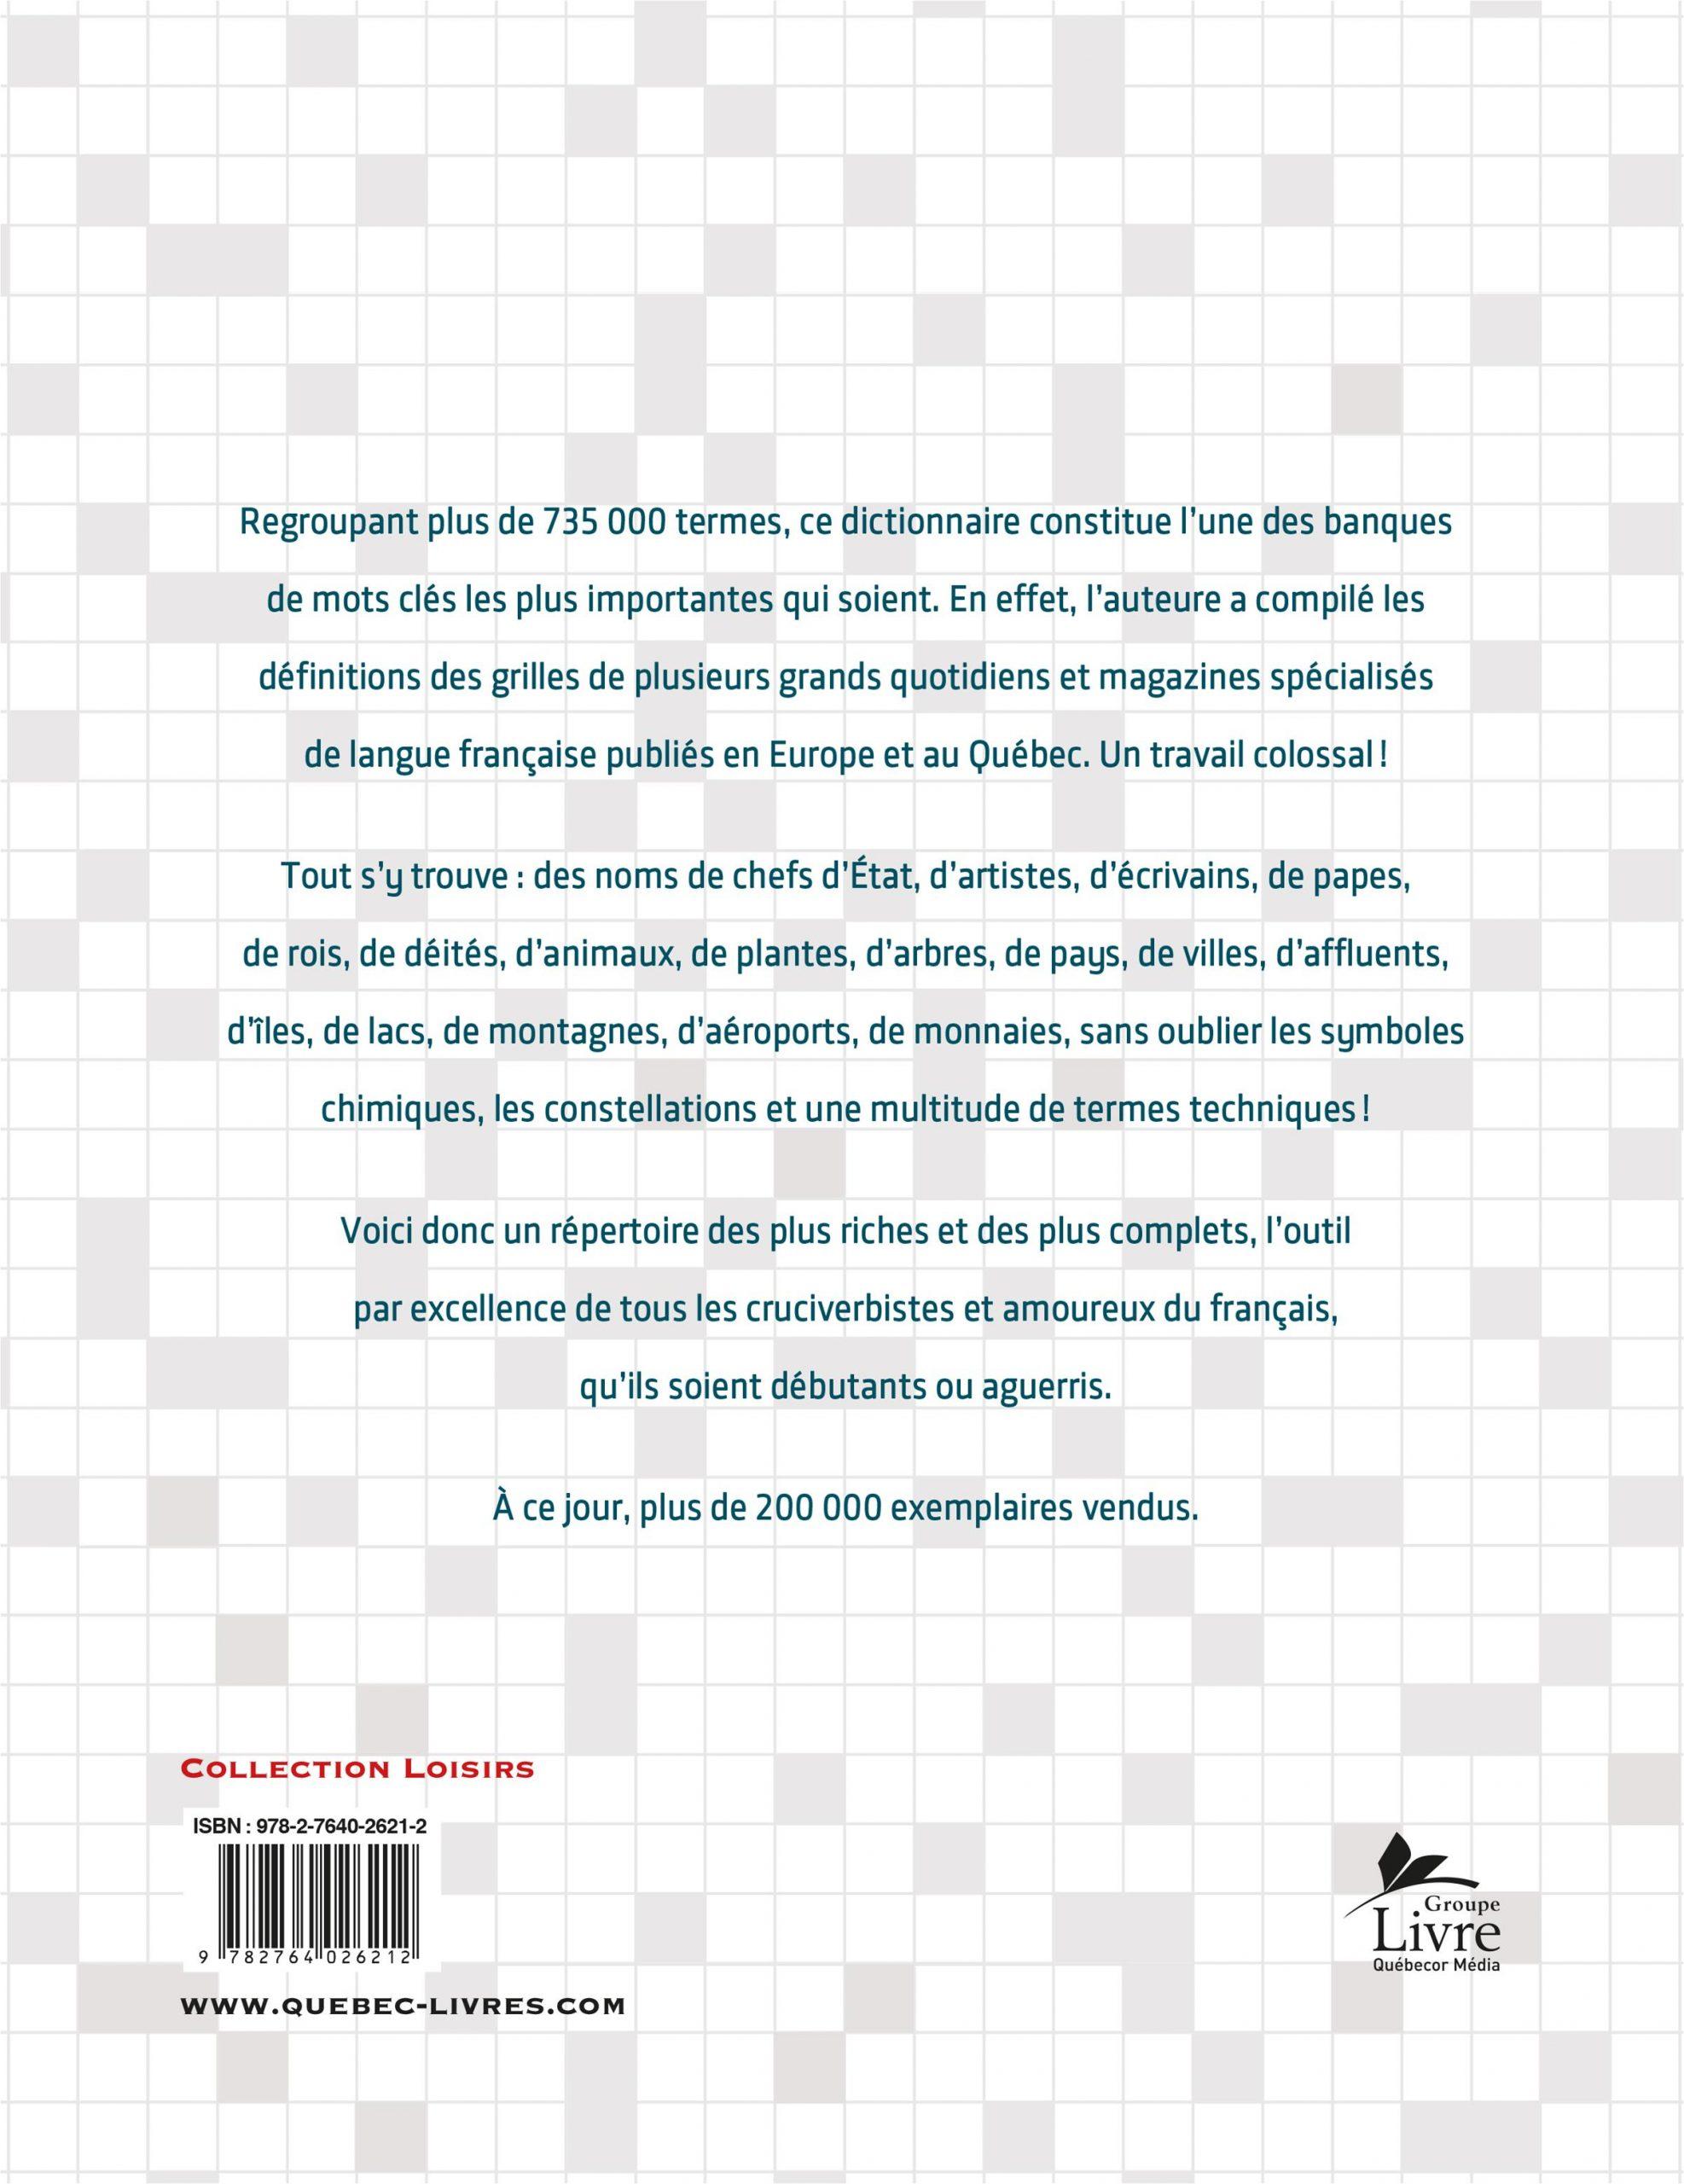 Le Grand Dictionnaire Des Mots Croisés intérieur Mots Croisés Pour Débutants